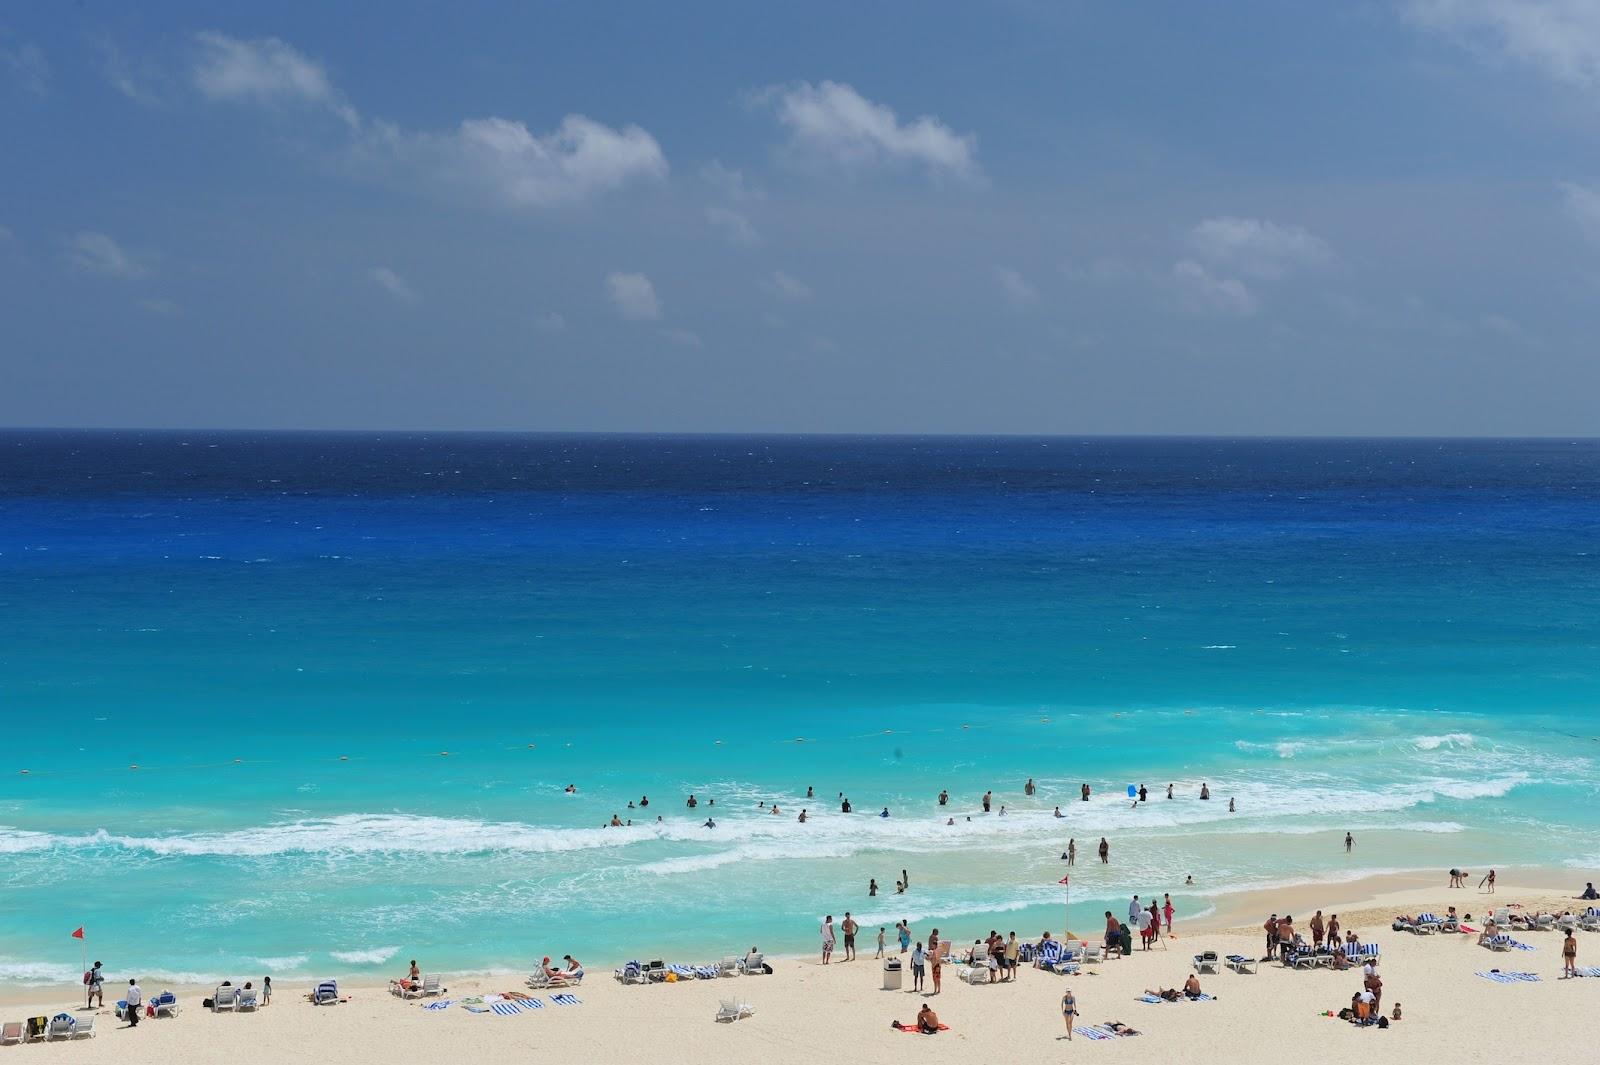 http://4.bp.blogspot.com/-zNRW40xtiW0/TzNrgIufZkI/AAAAAAAAE8I/yAg-O3YvedA/s1600/Cancun-Beach.jpg